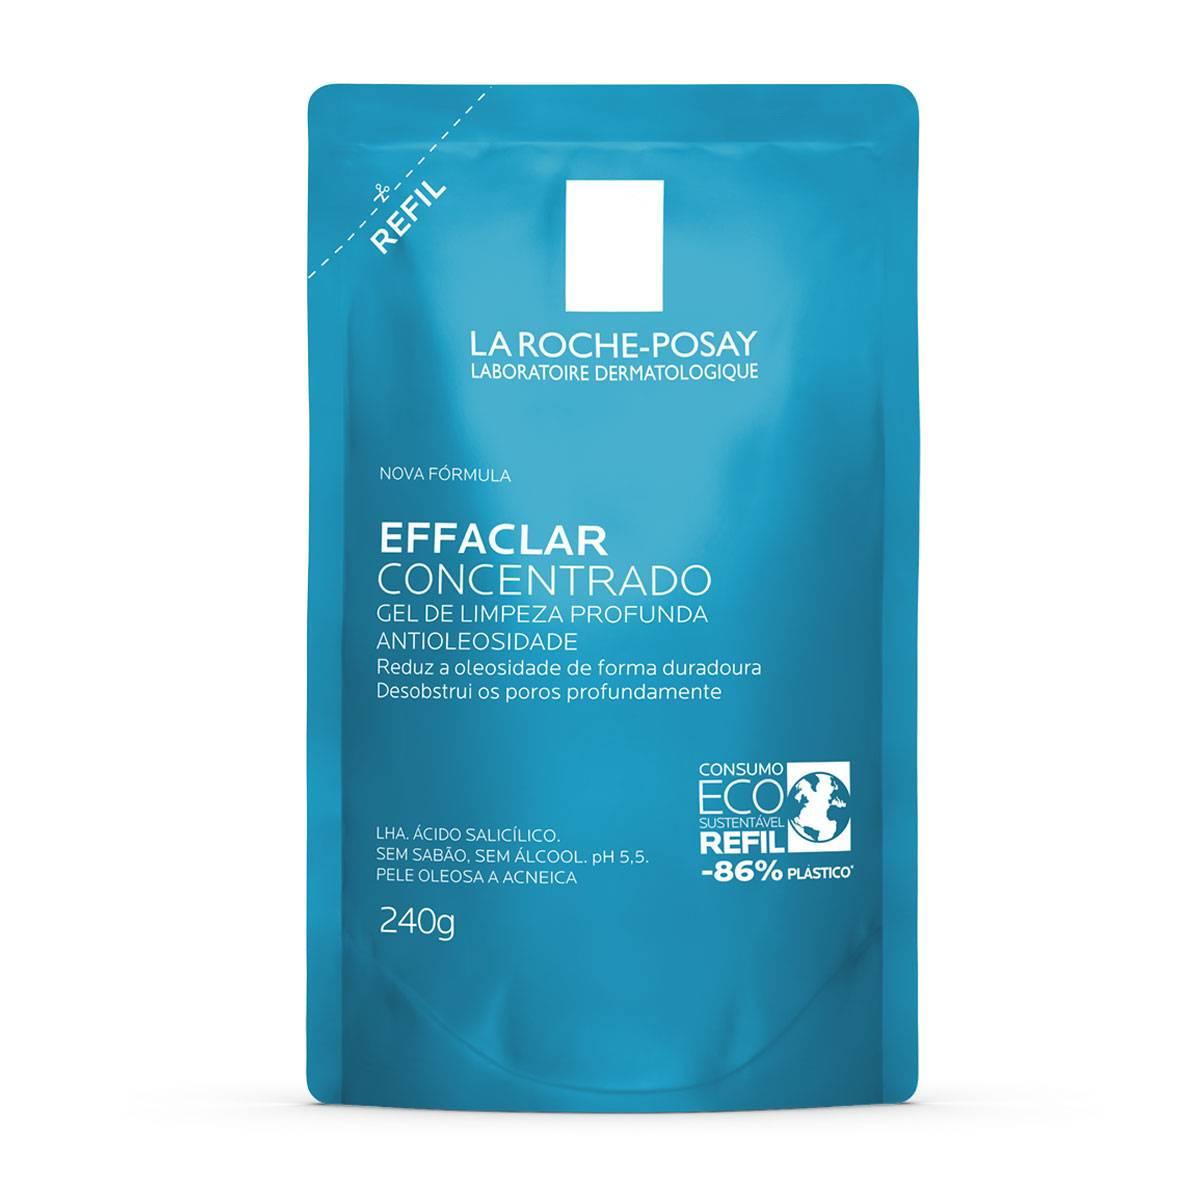 Effaclar Gel Concentrado Refil | La Roche-Posay